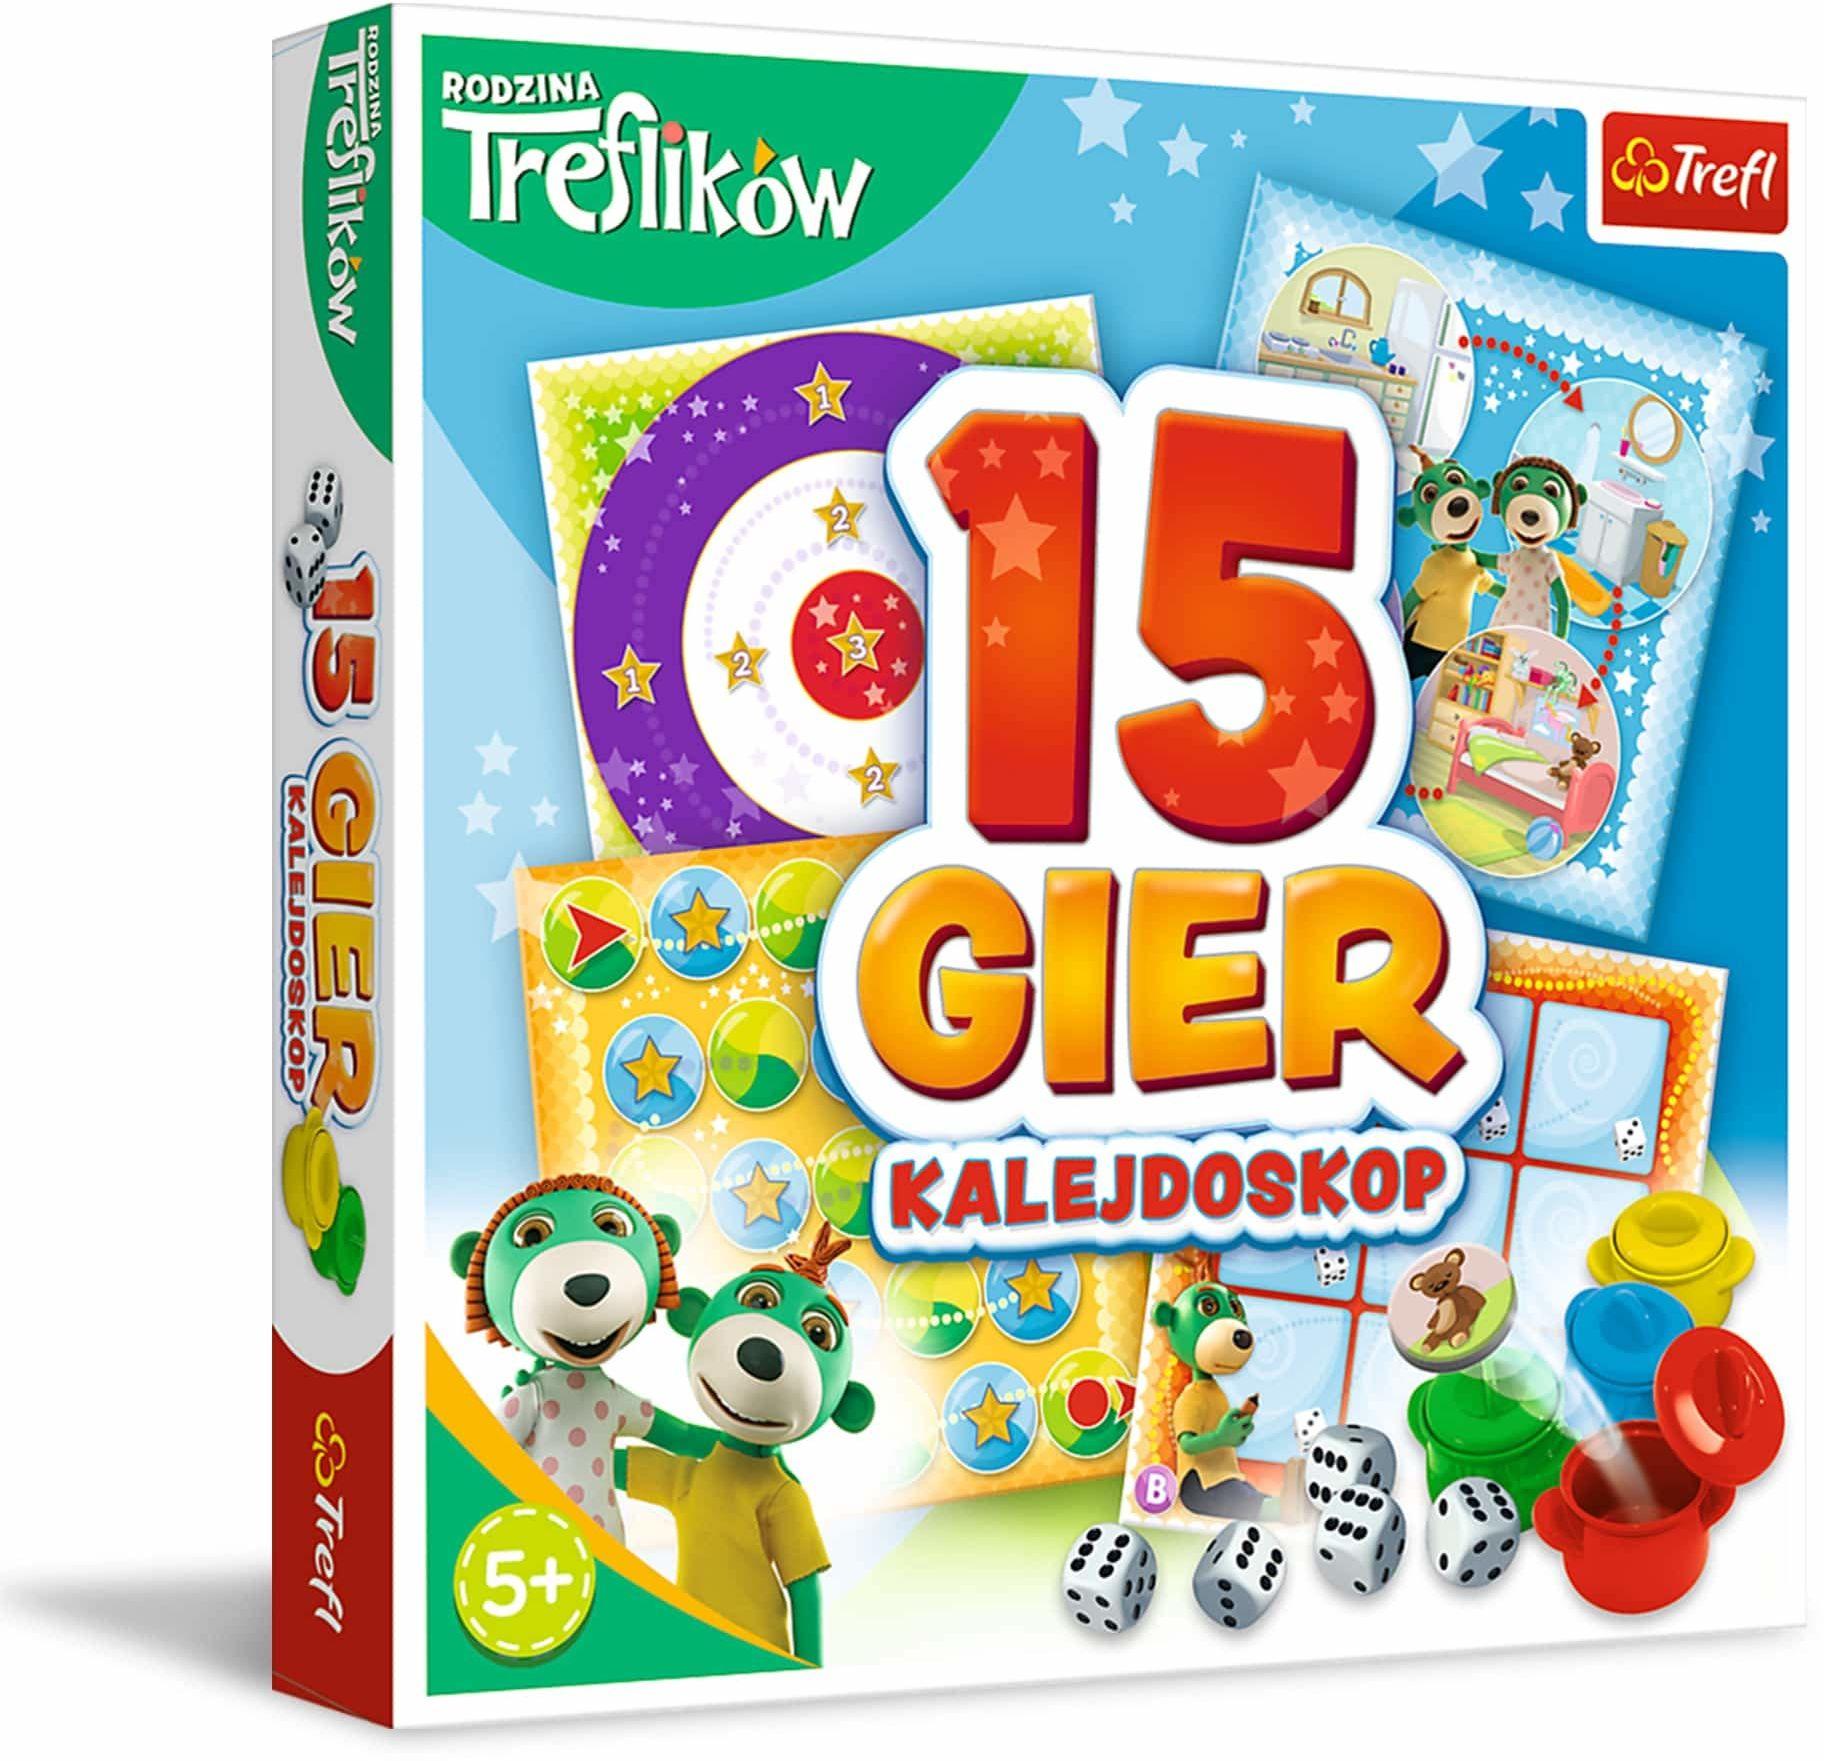 Trefl Kalejdoskop 15 Gier Zestaw Rodzinnych Gier z Bohaterami Bajki Rodzina Treflików dla Dzieci Powyżej 5 Lat